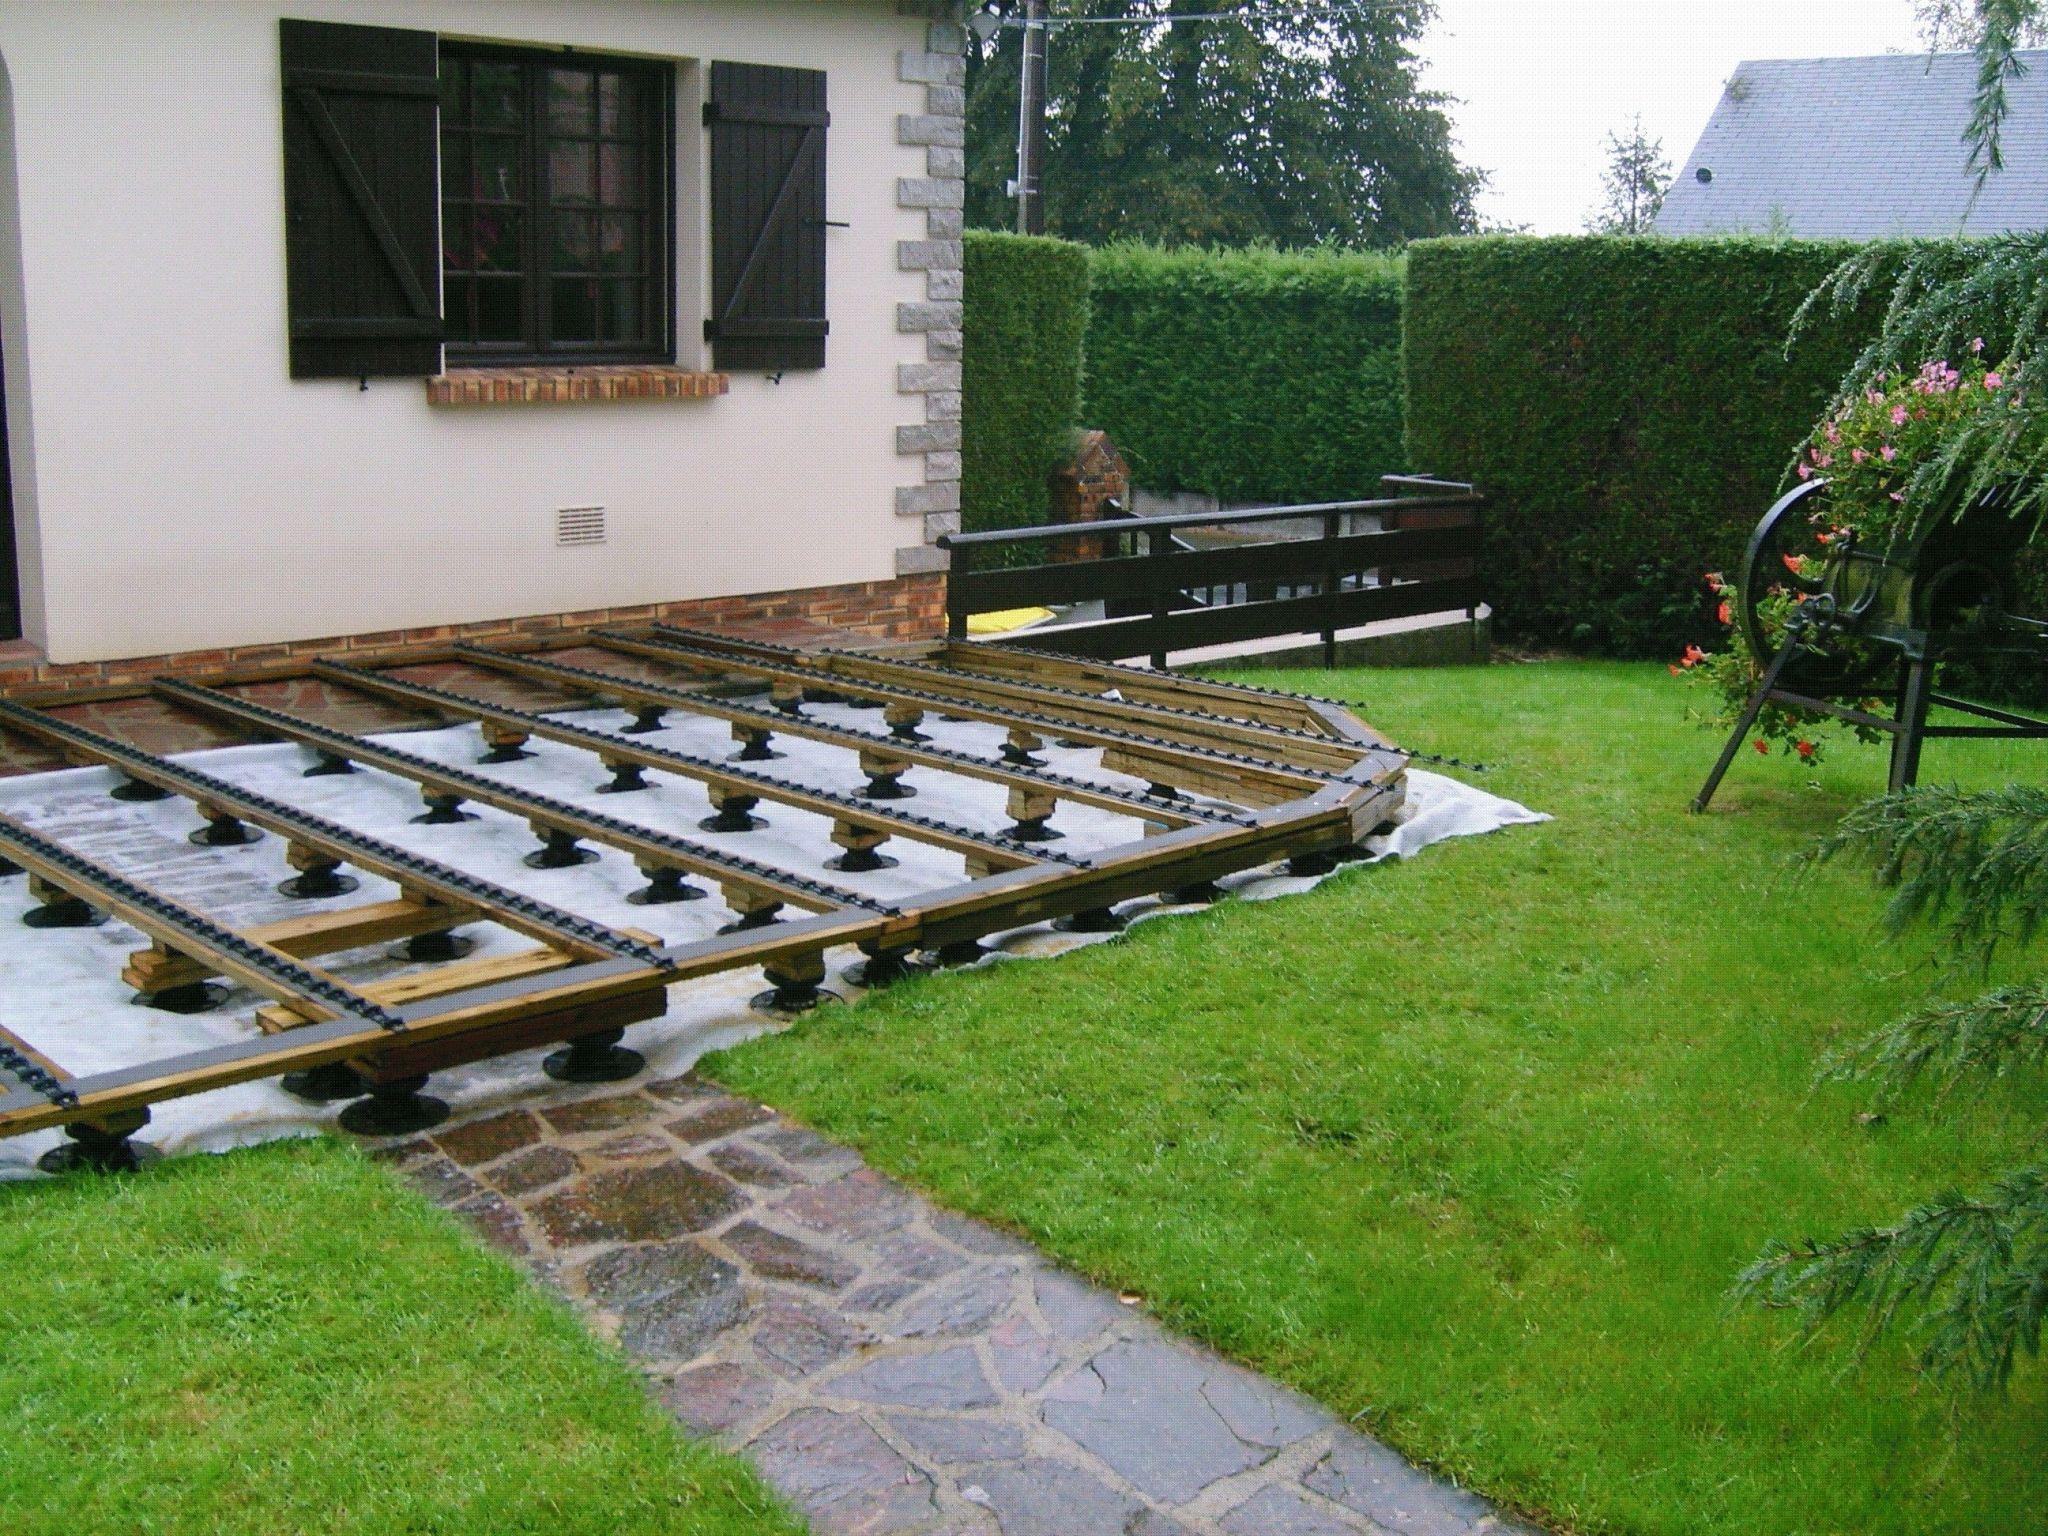 Plan Aménagement Jardin Concept - Idees Conception Jardin à Jardin Avec Galets Blancs